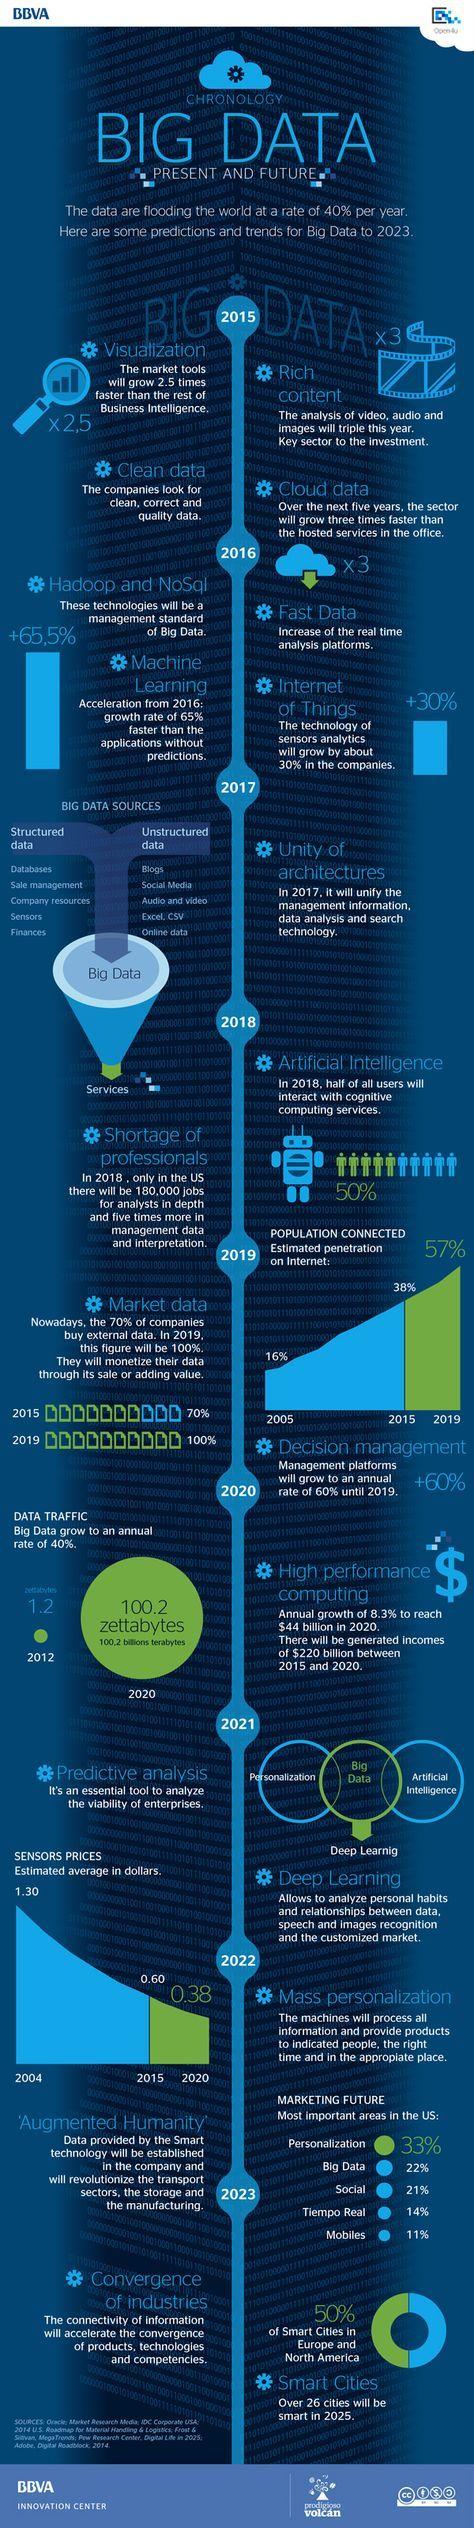 #bigdata für #arbeitenviernull in Gegenwart und Zukunft - Infographic: Big Data, present and future